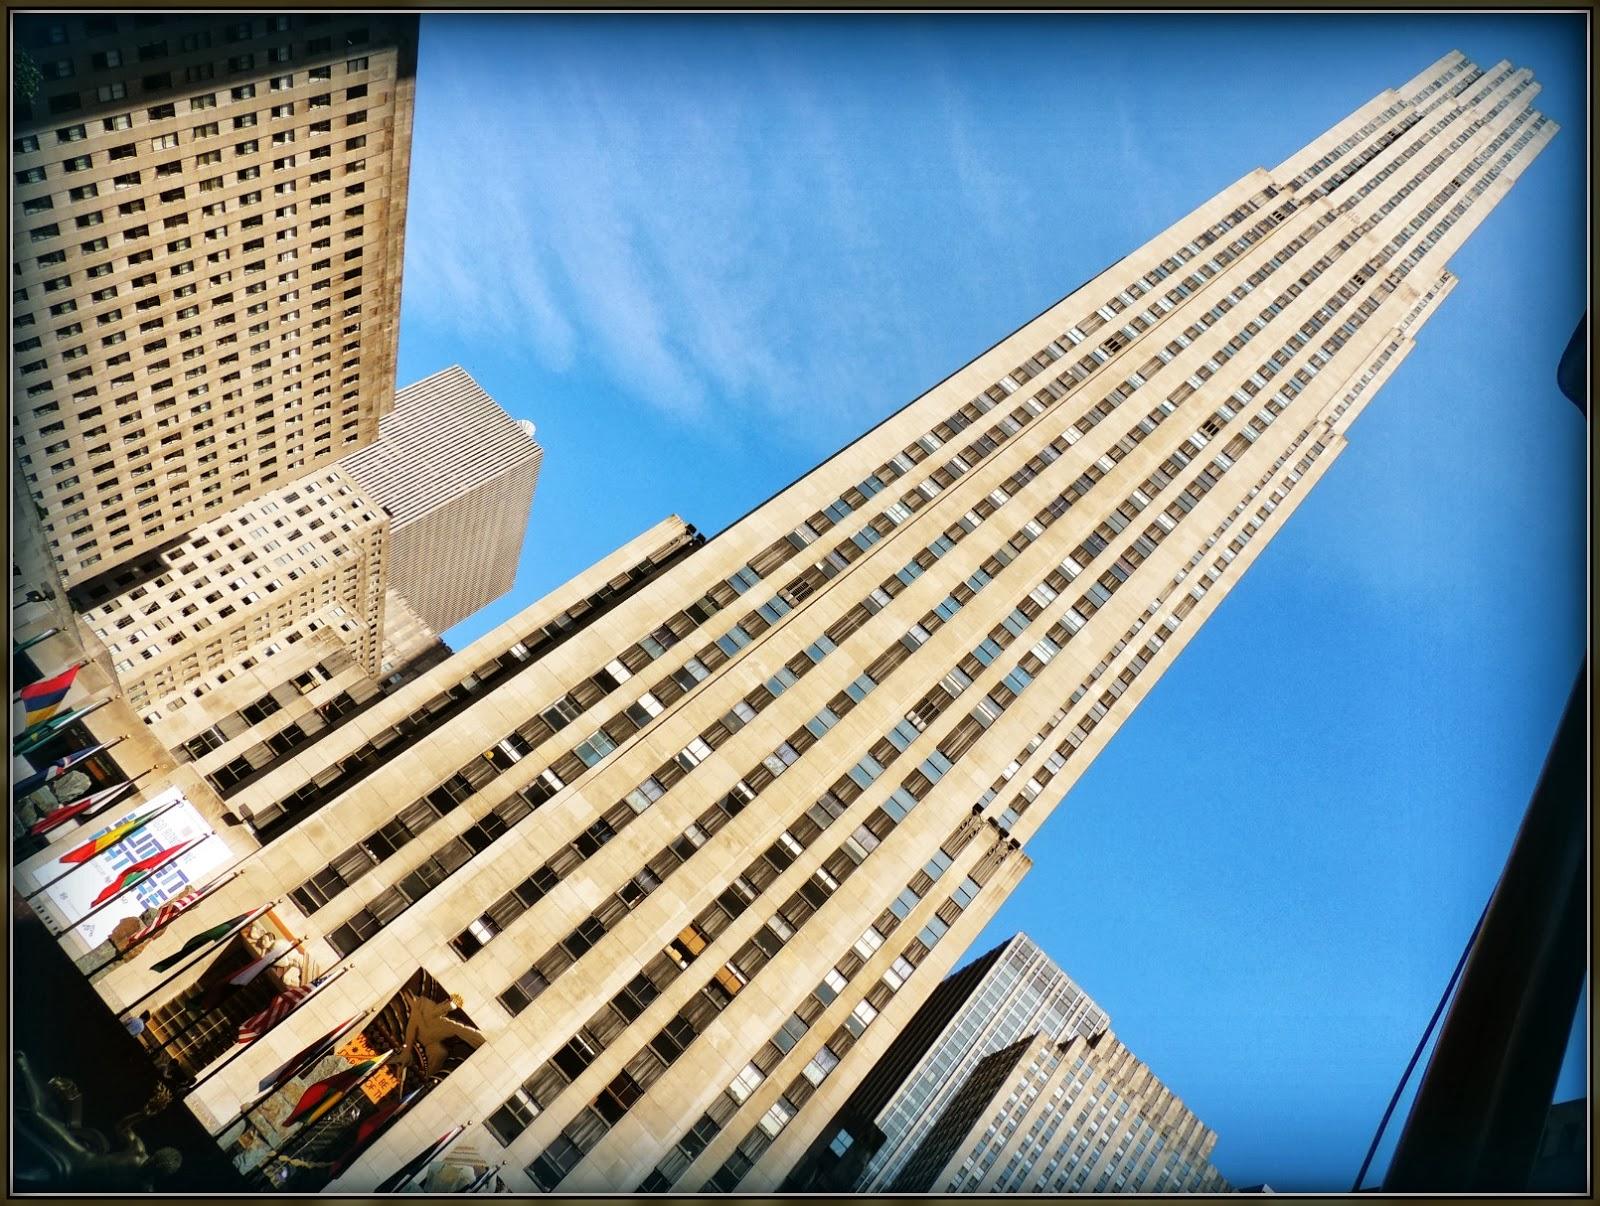 NY en 3 Días: Edificio GE en el Rockefeller Center